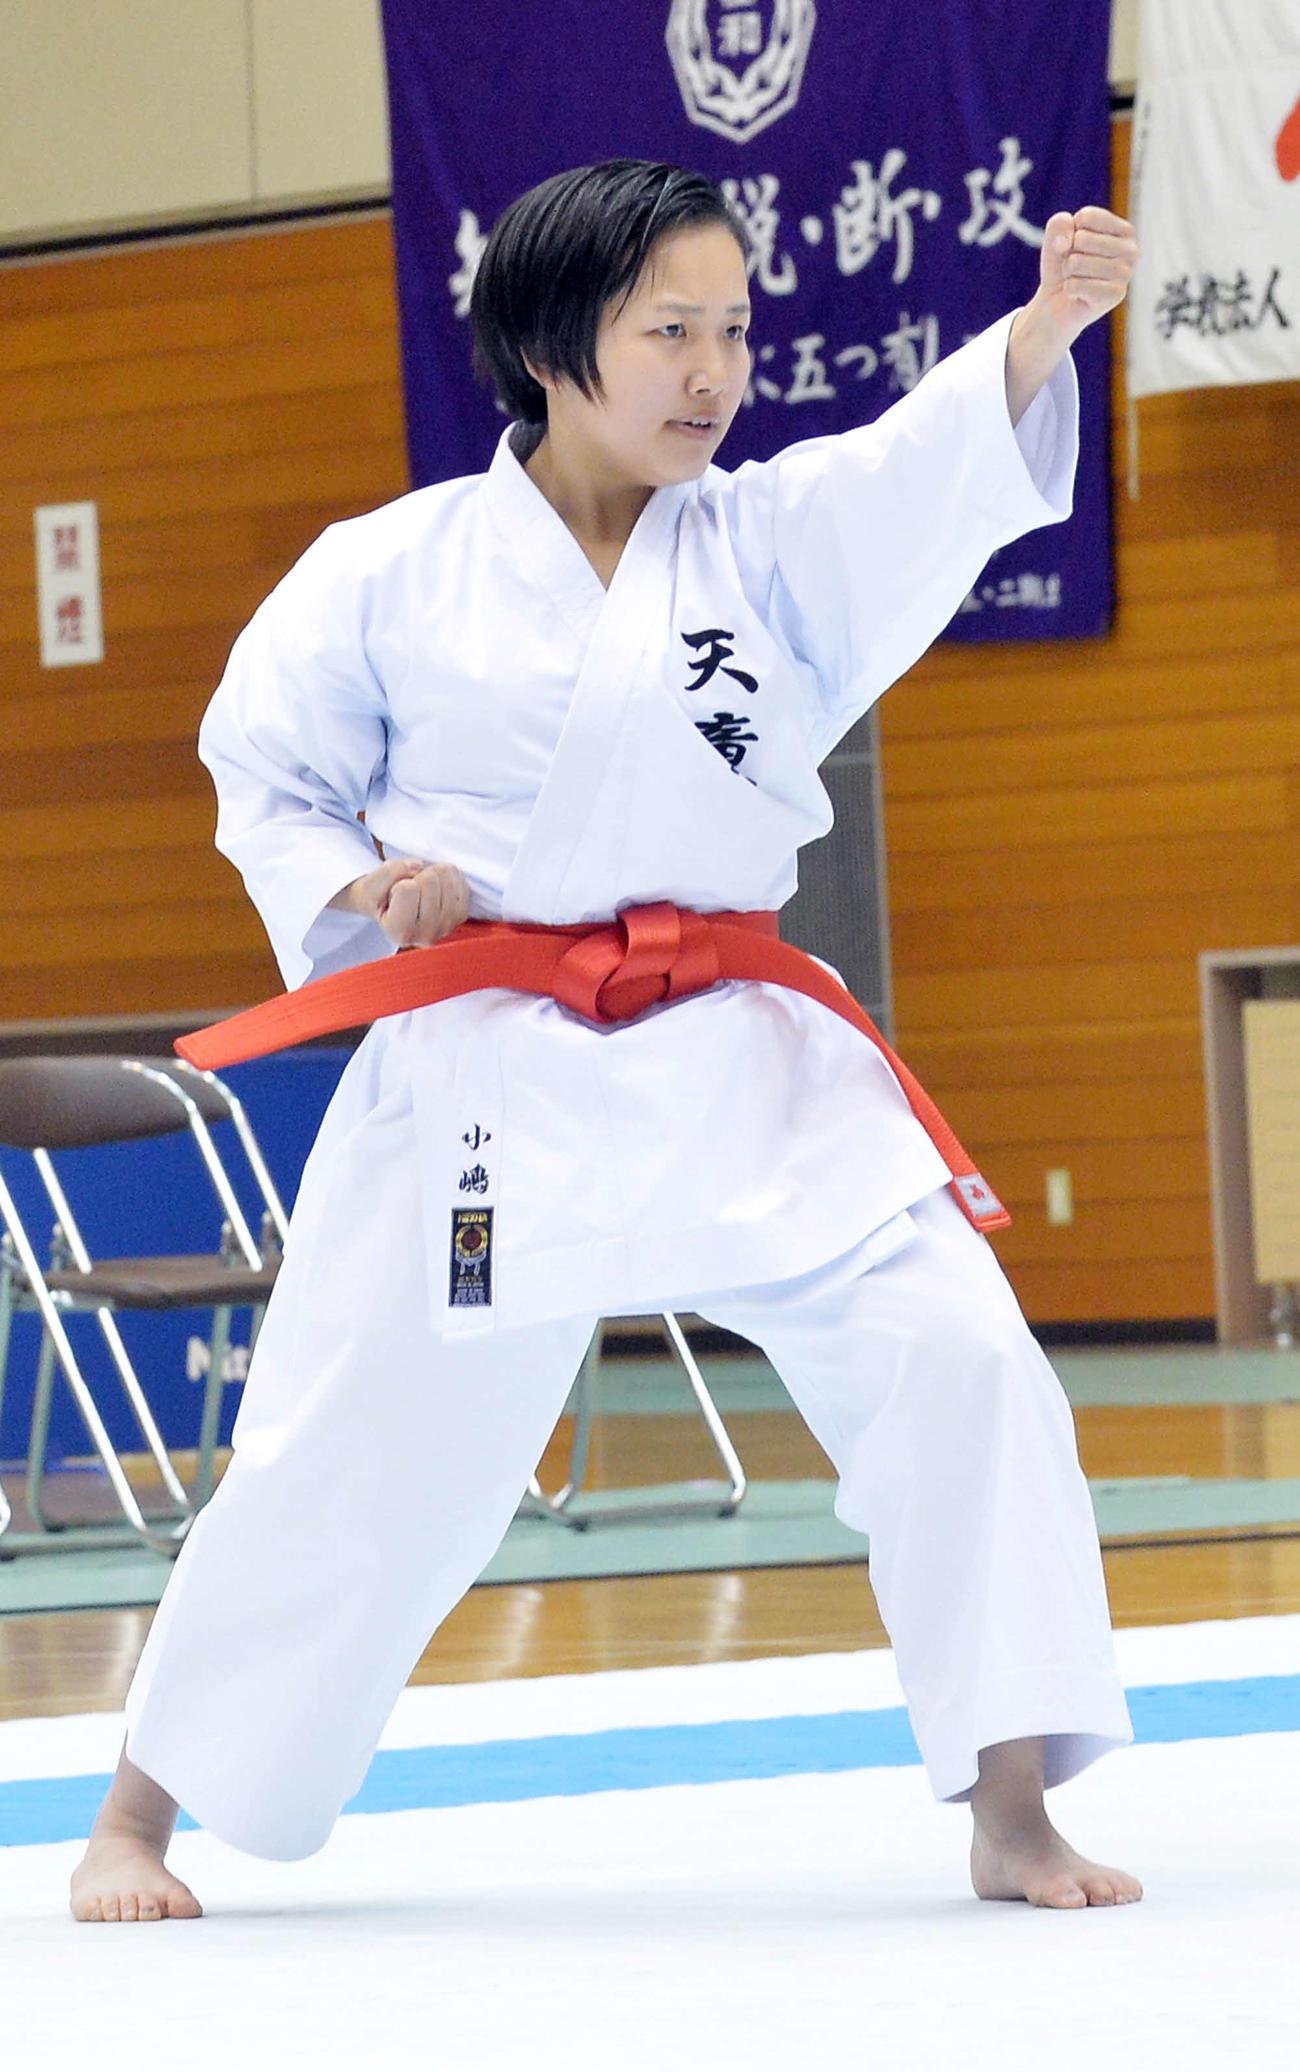 「アーナン」の形を演武する天童・小嶋